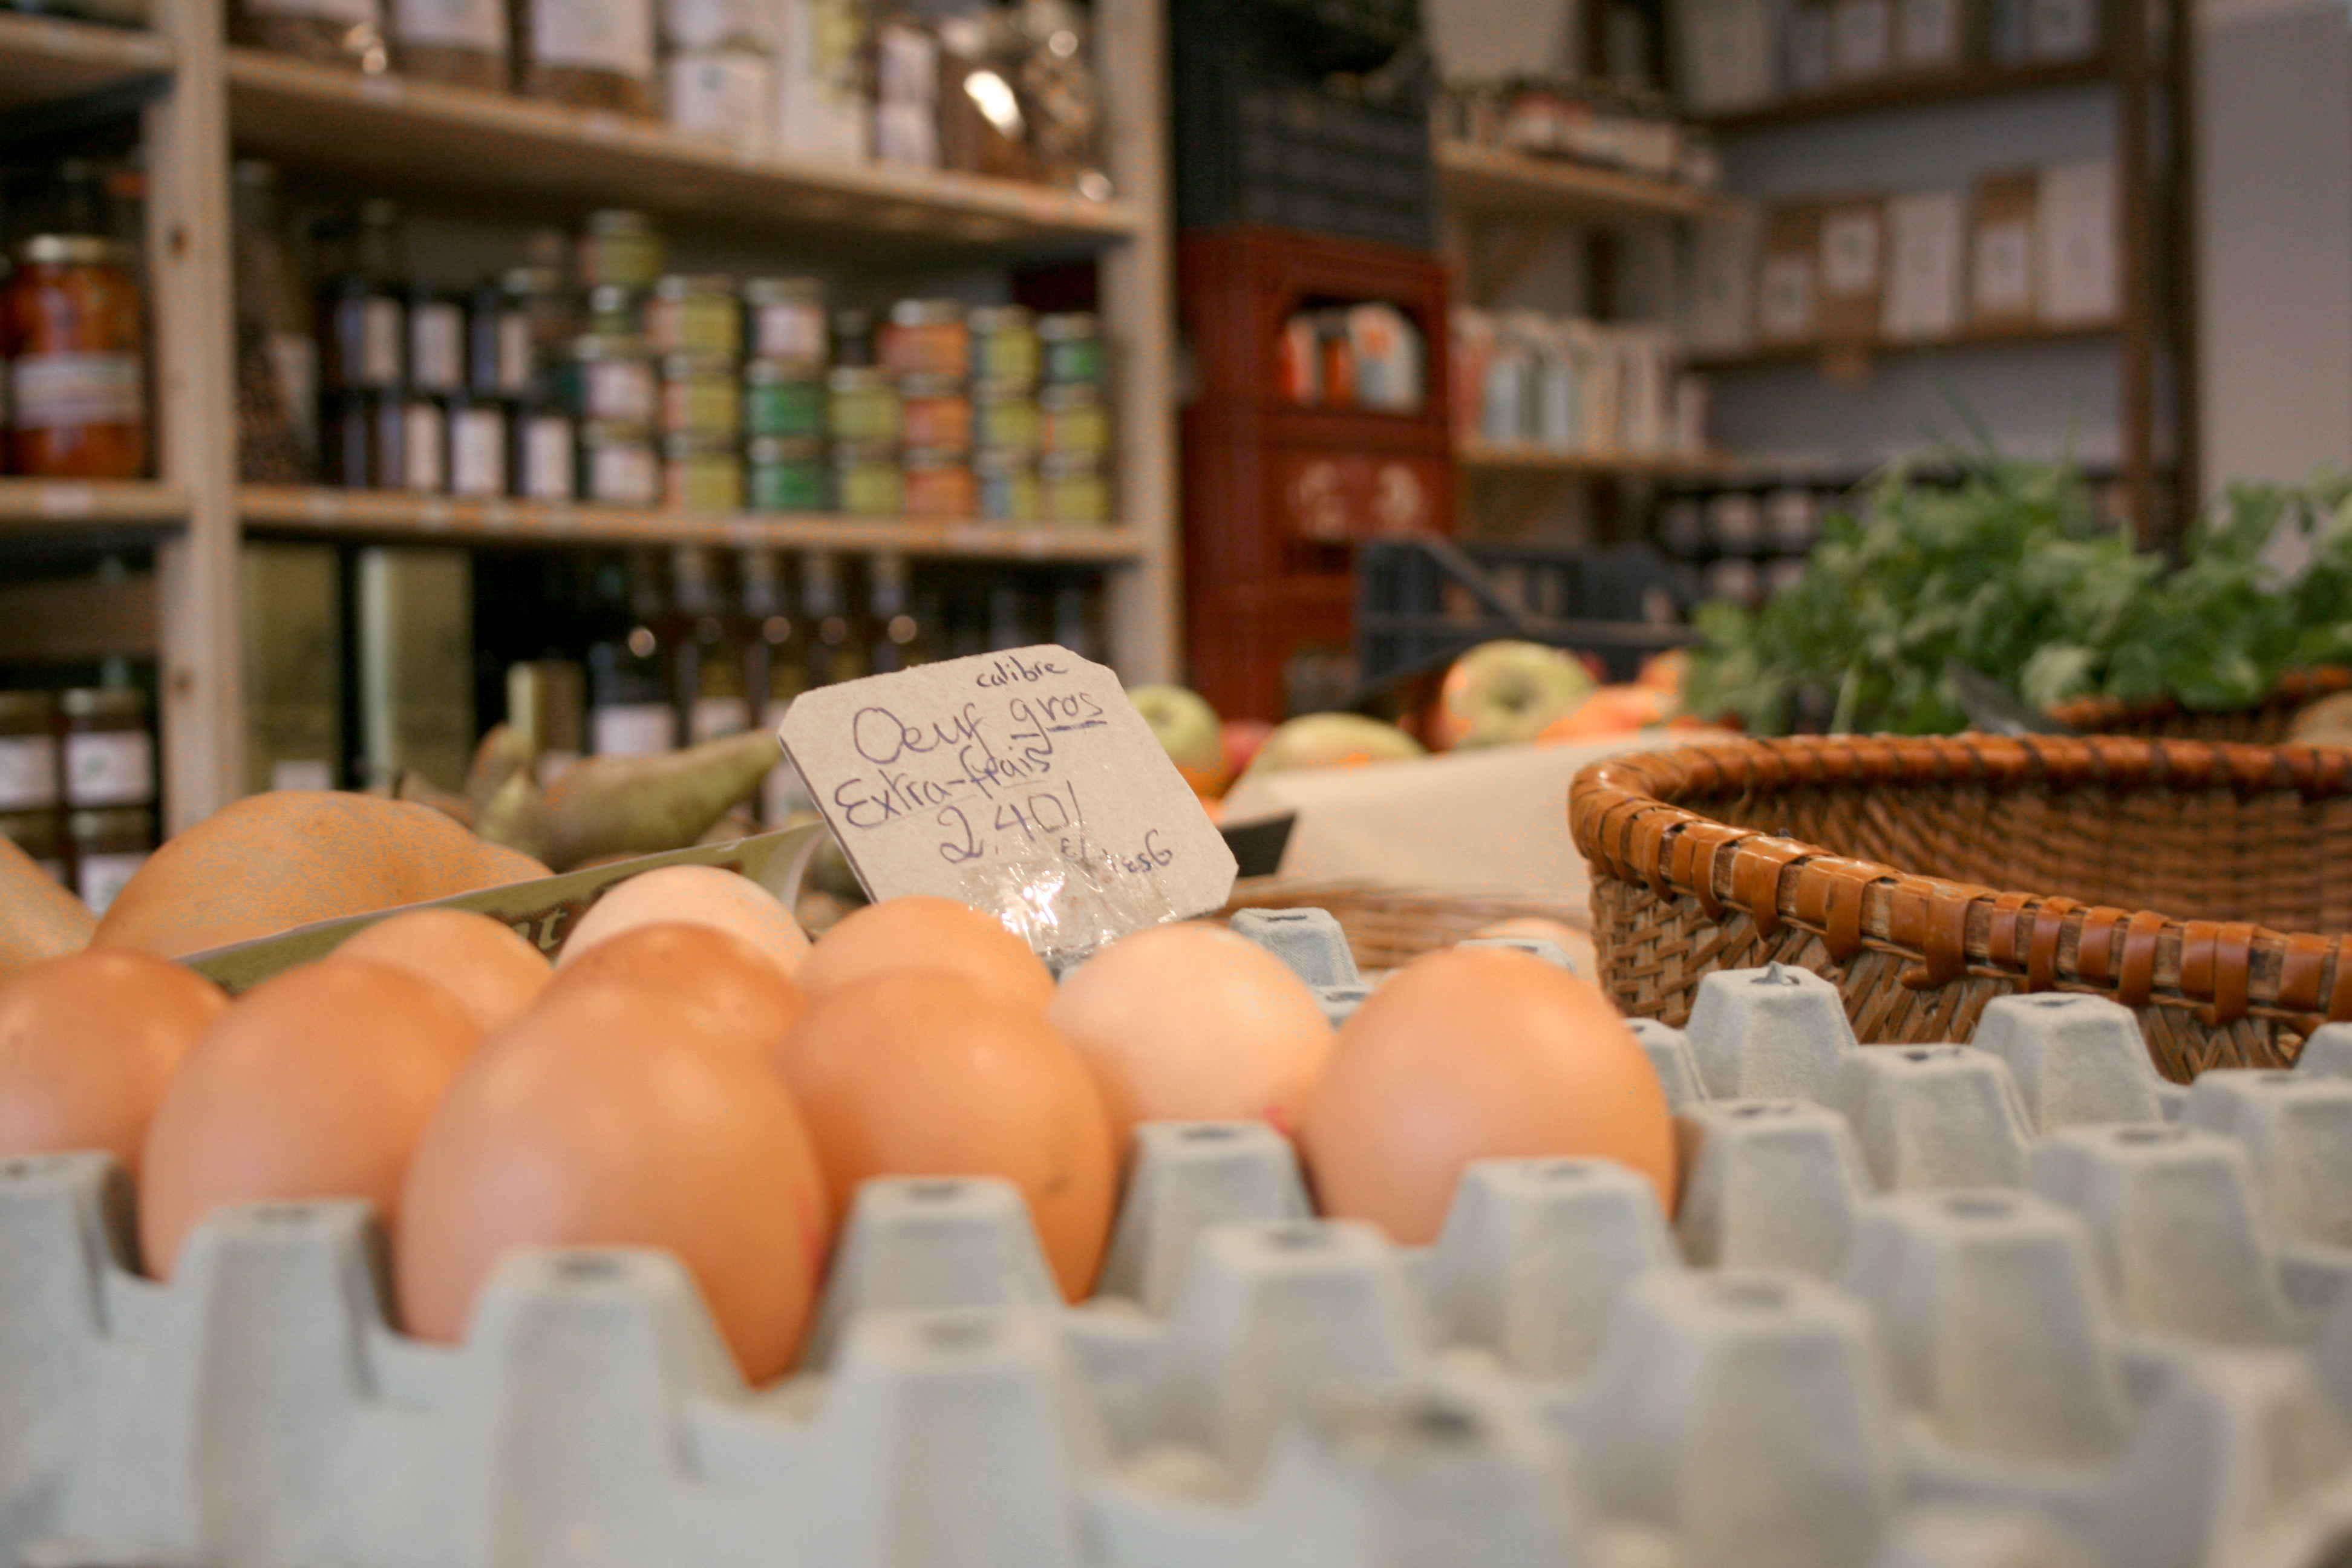 Eggs bio